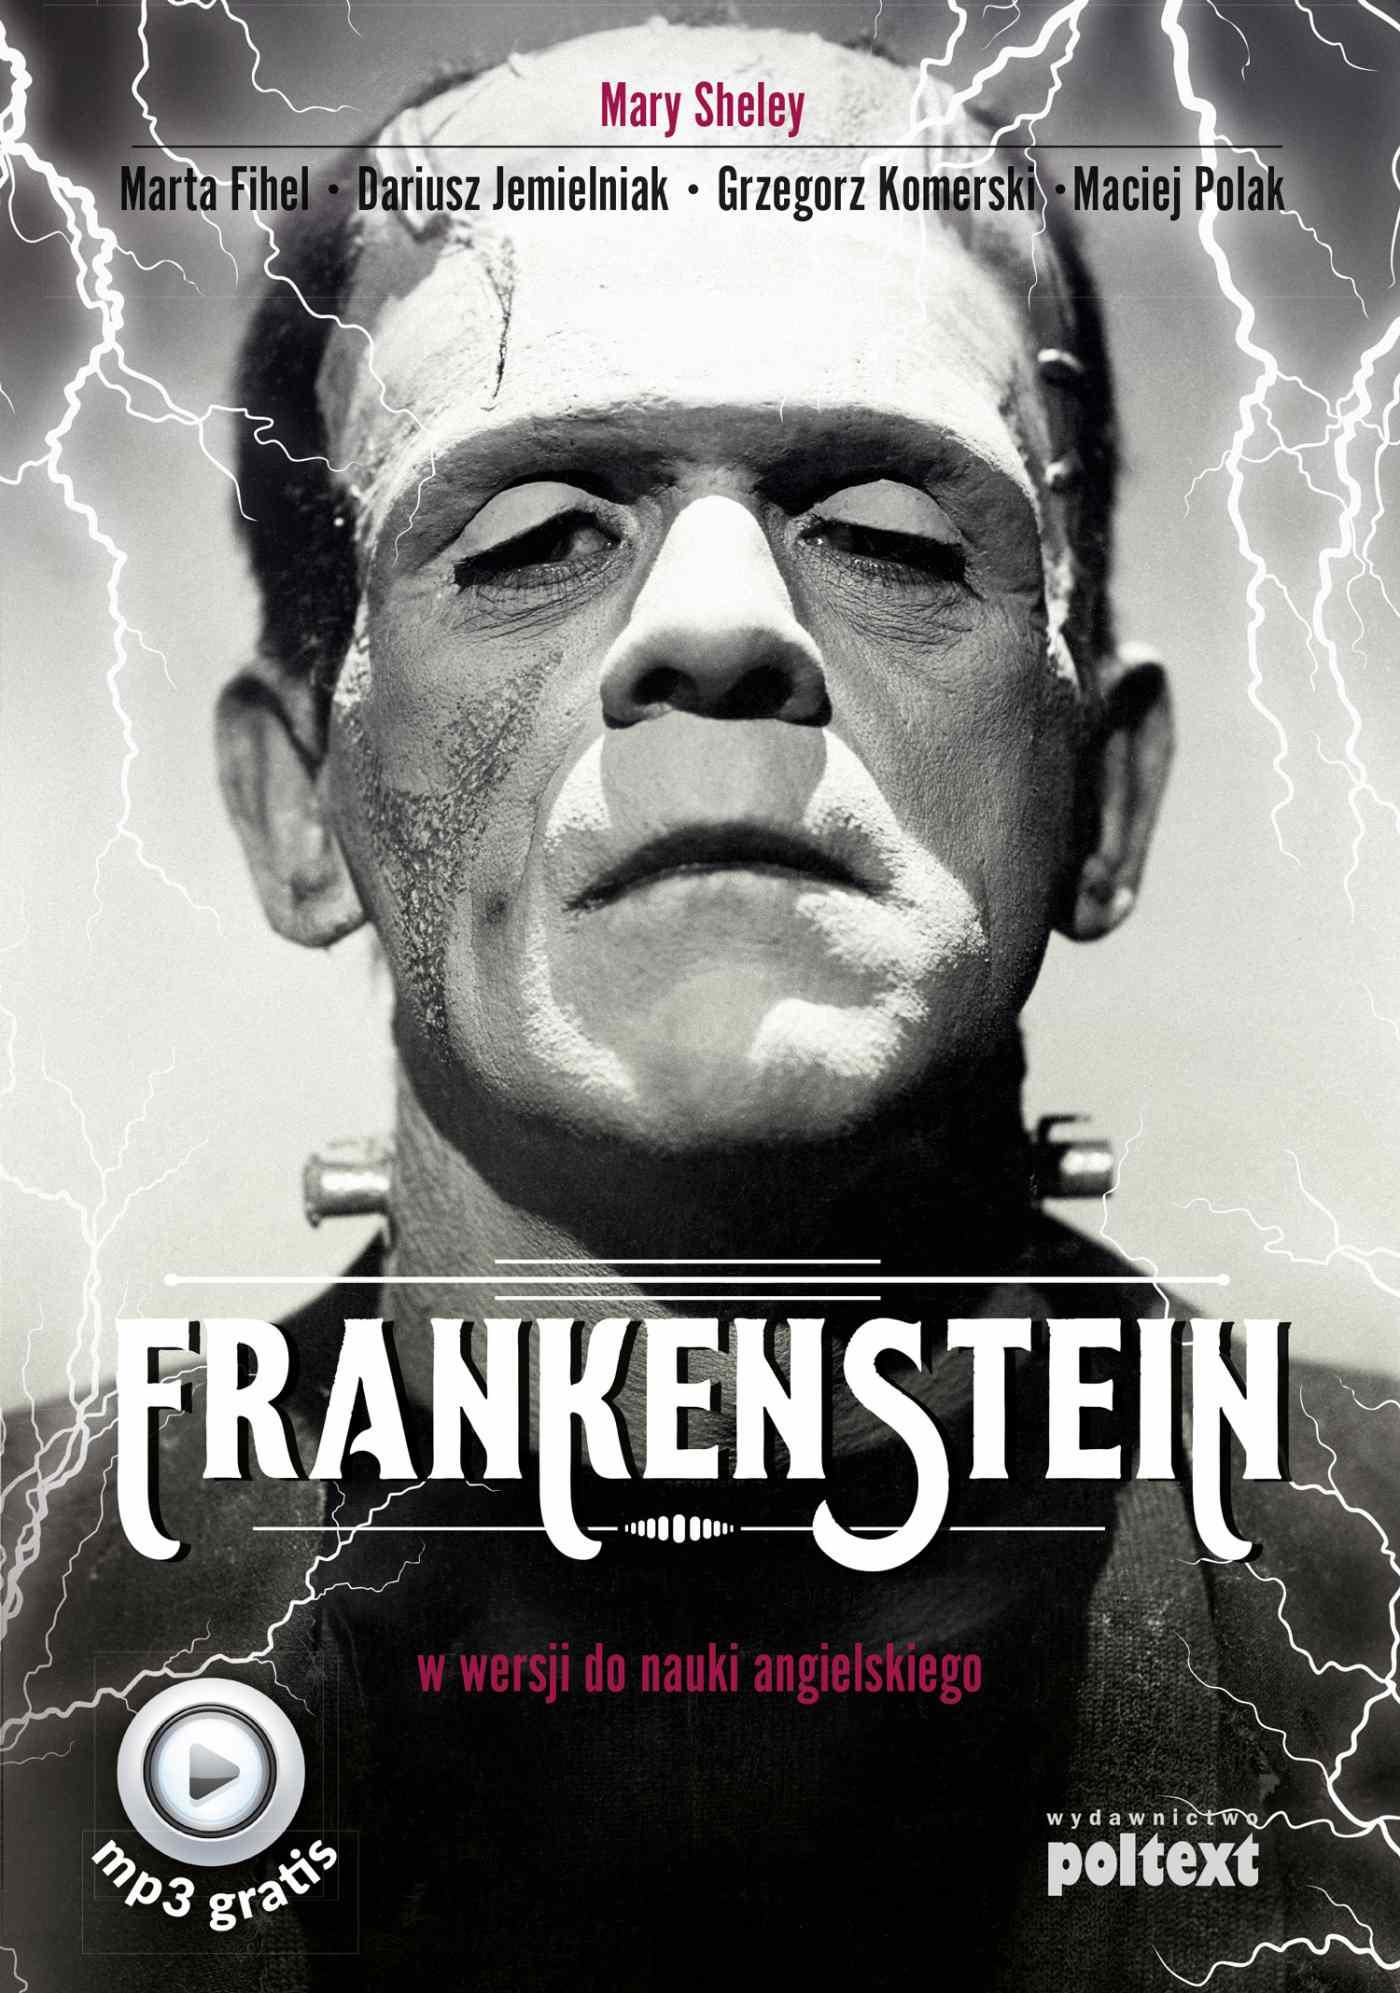 Frankenstein w wersji do nauki angielskiego - Ebook (Książka EPUB) do pobrania w formacie EPUB